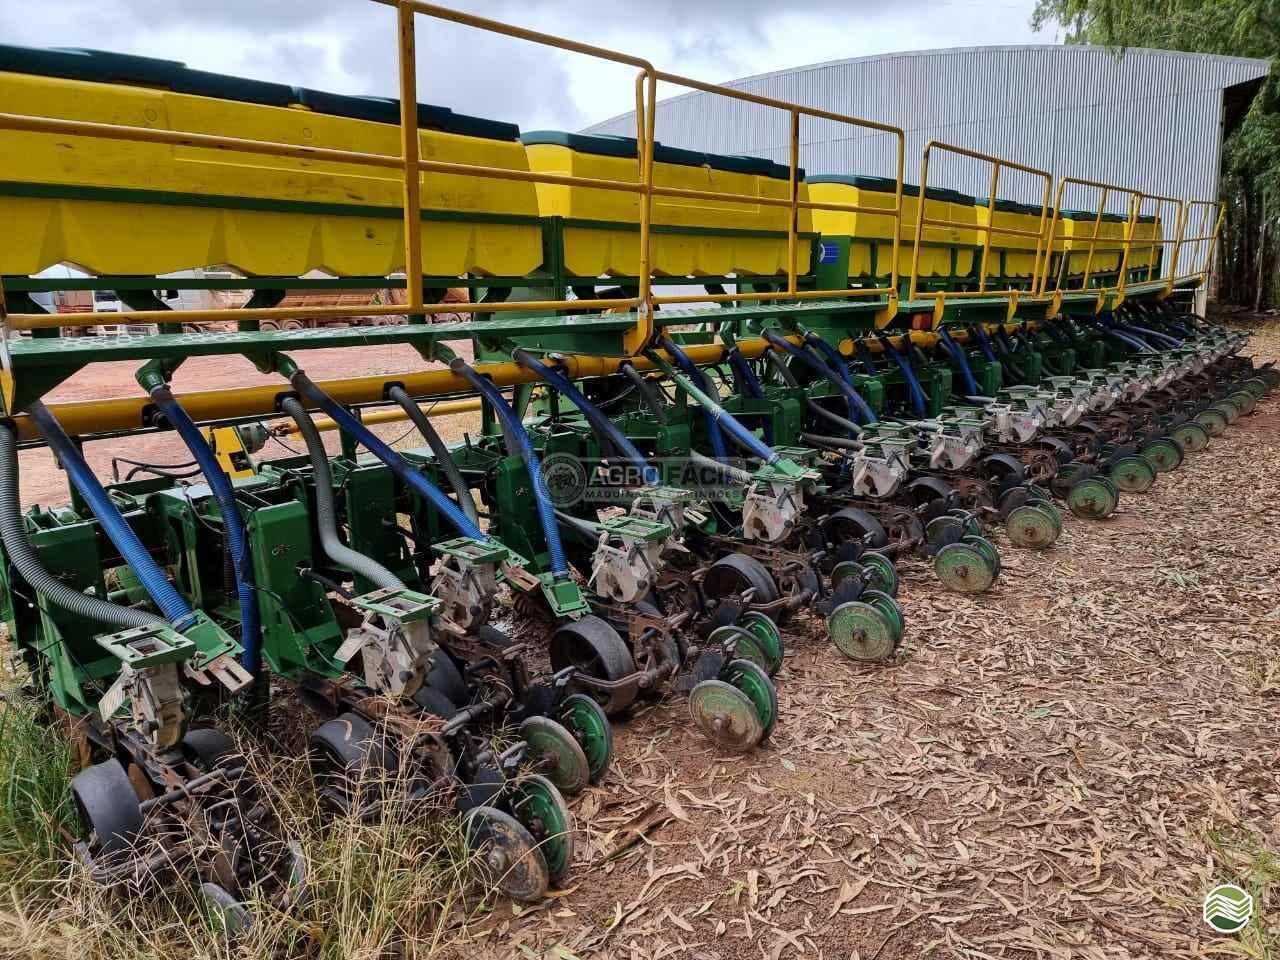 USAP de Agro Fácil Máquinas - PRIMAVERA DO LESTE/MT